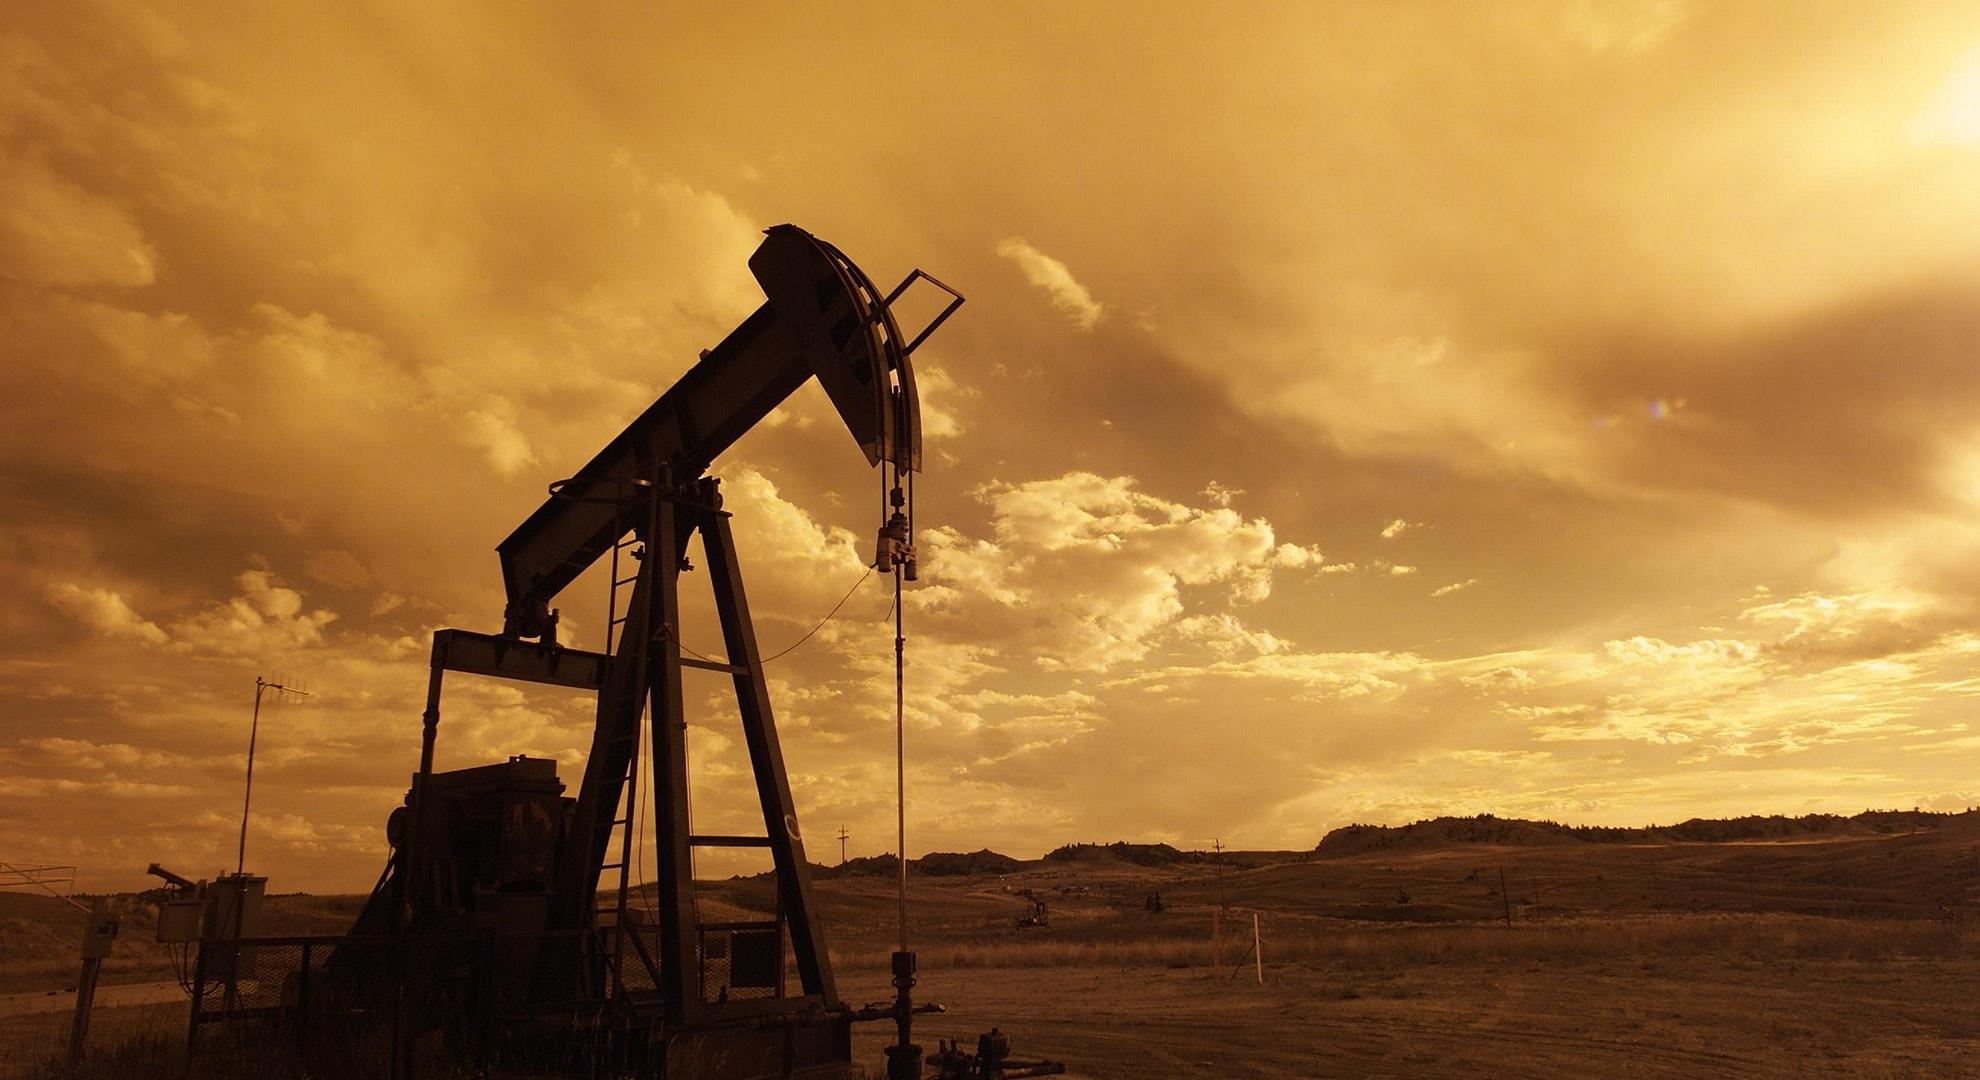 値上がりしないエネルギー株ETF(IXC)を追加購入。